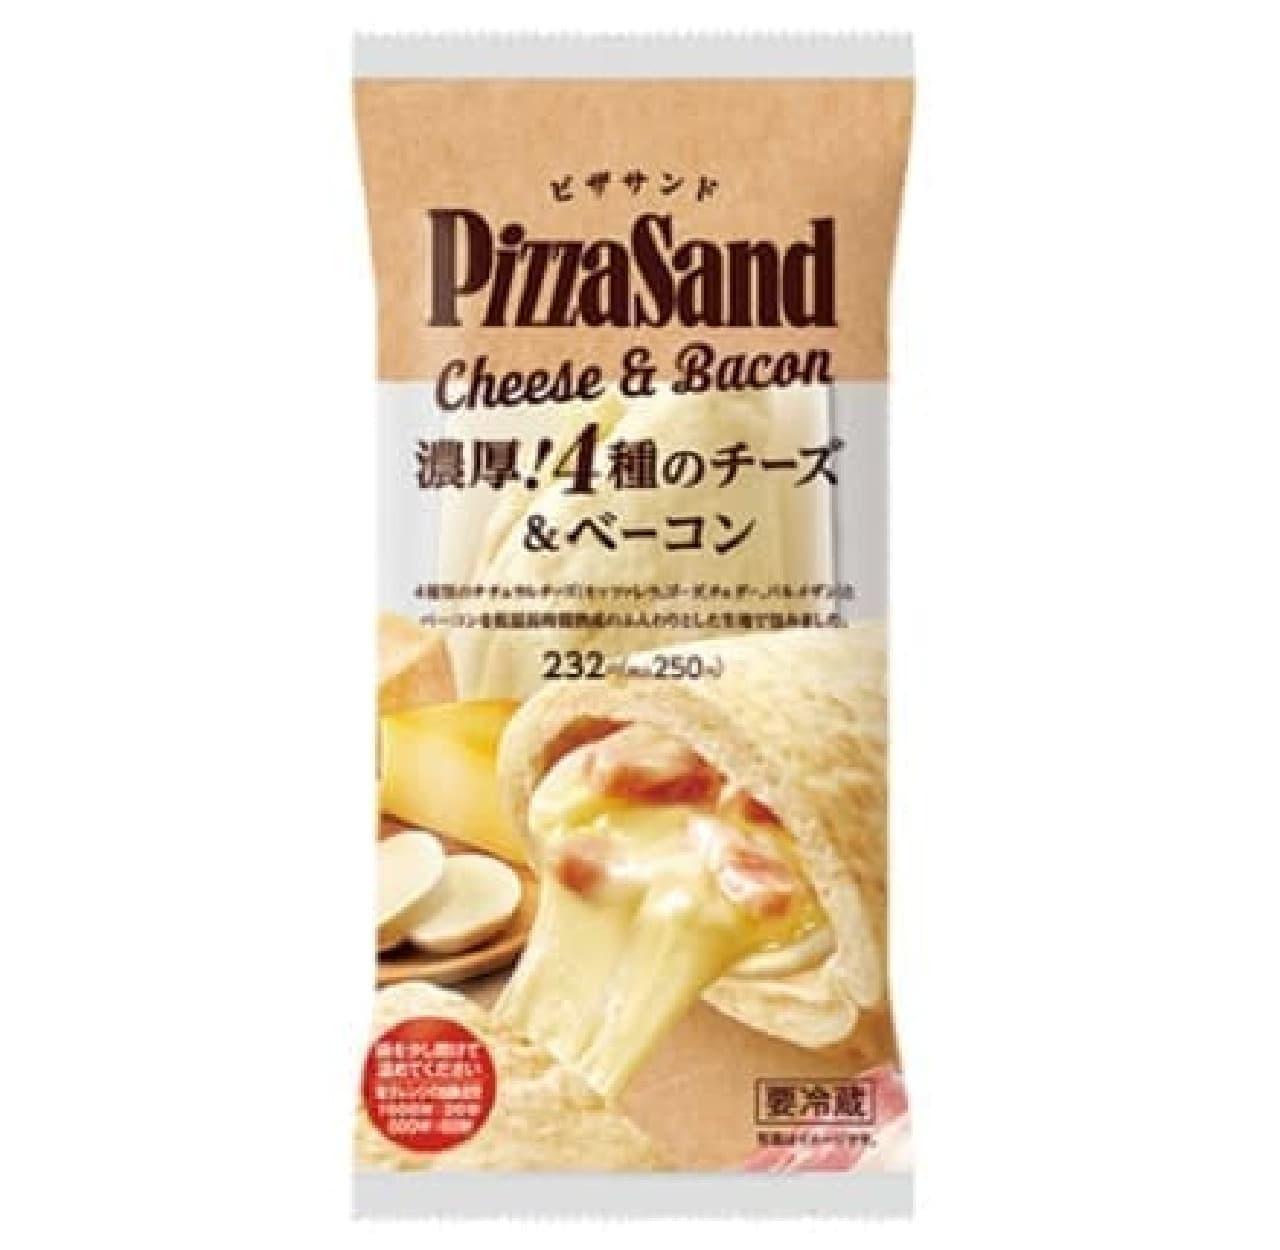 ファミリーマート「ピザサンド 濃厚!4種のチーズ&ベーコン」